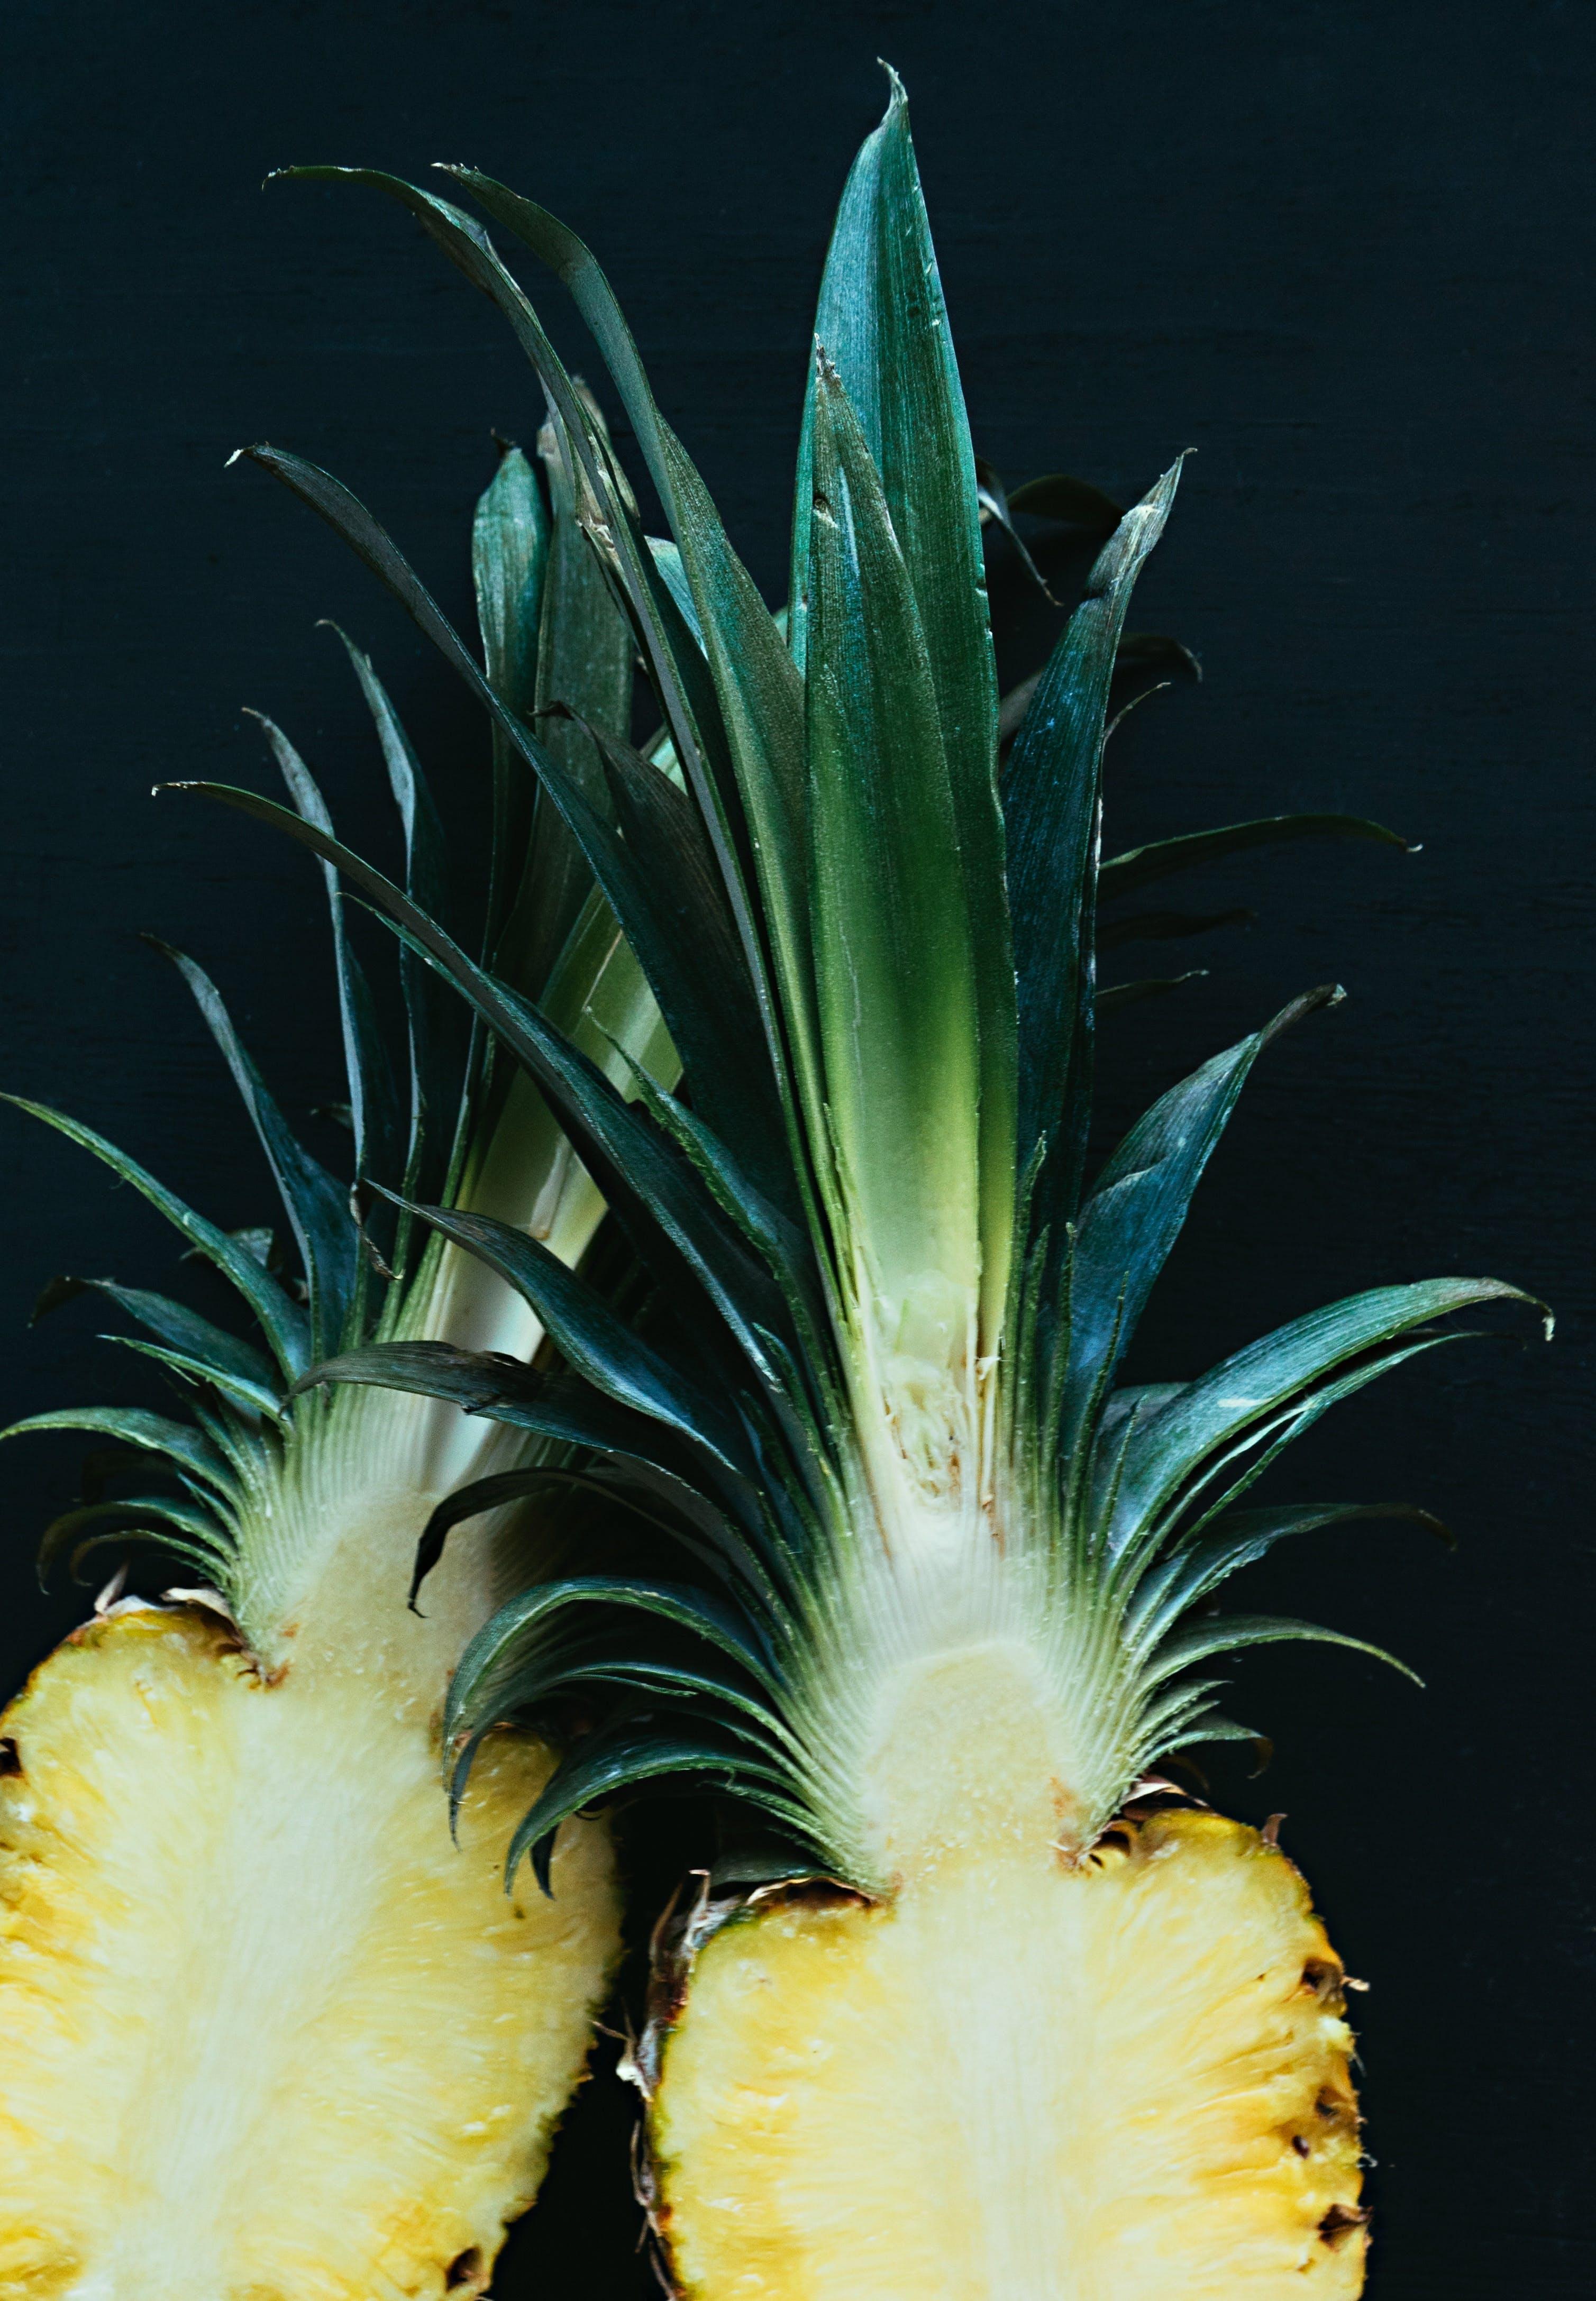 Sliced Pineapple Fruit